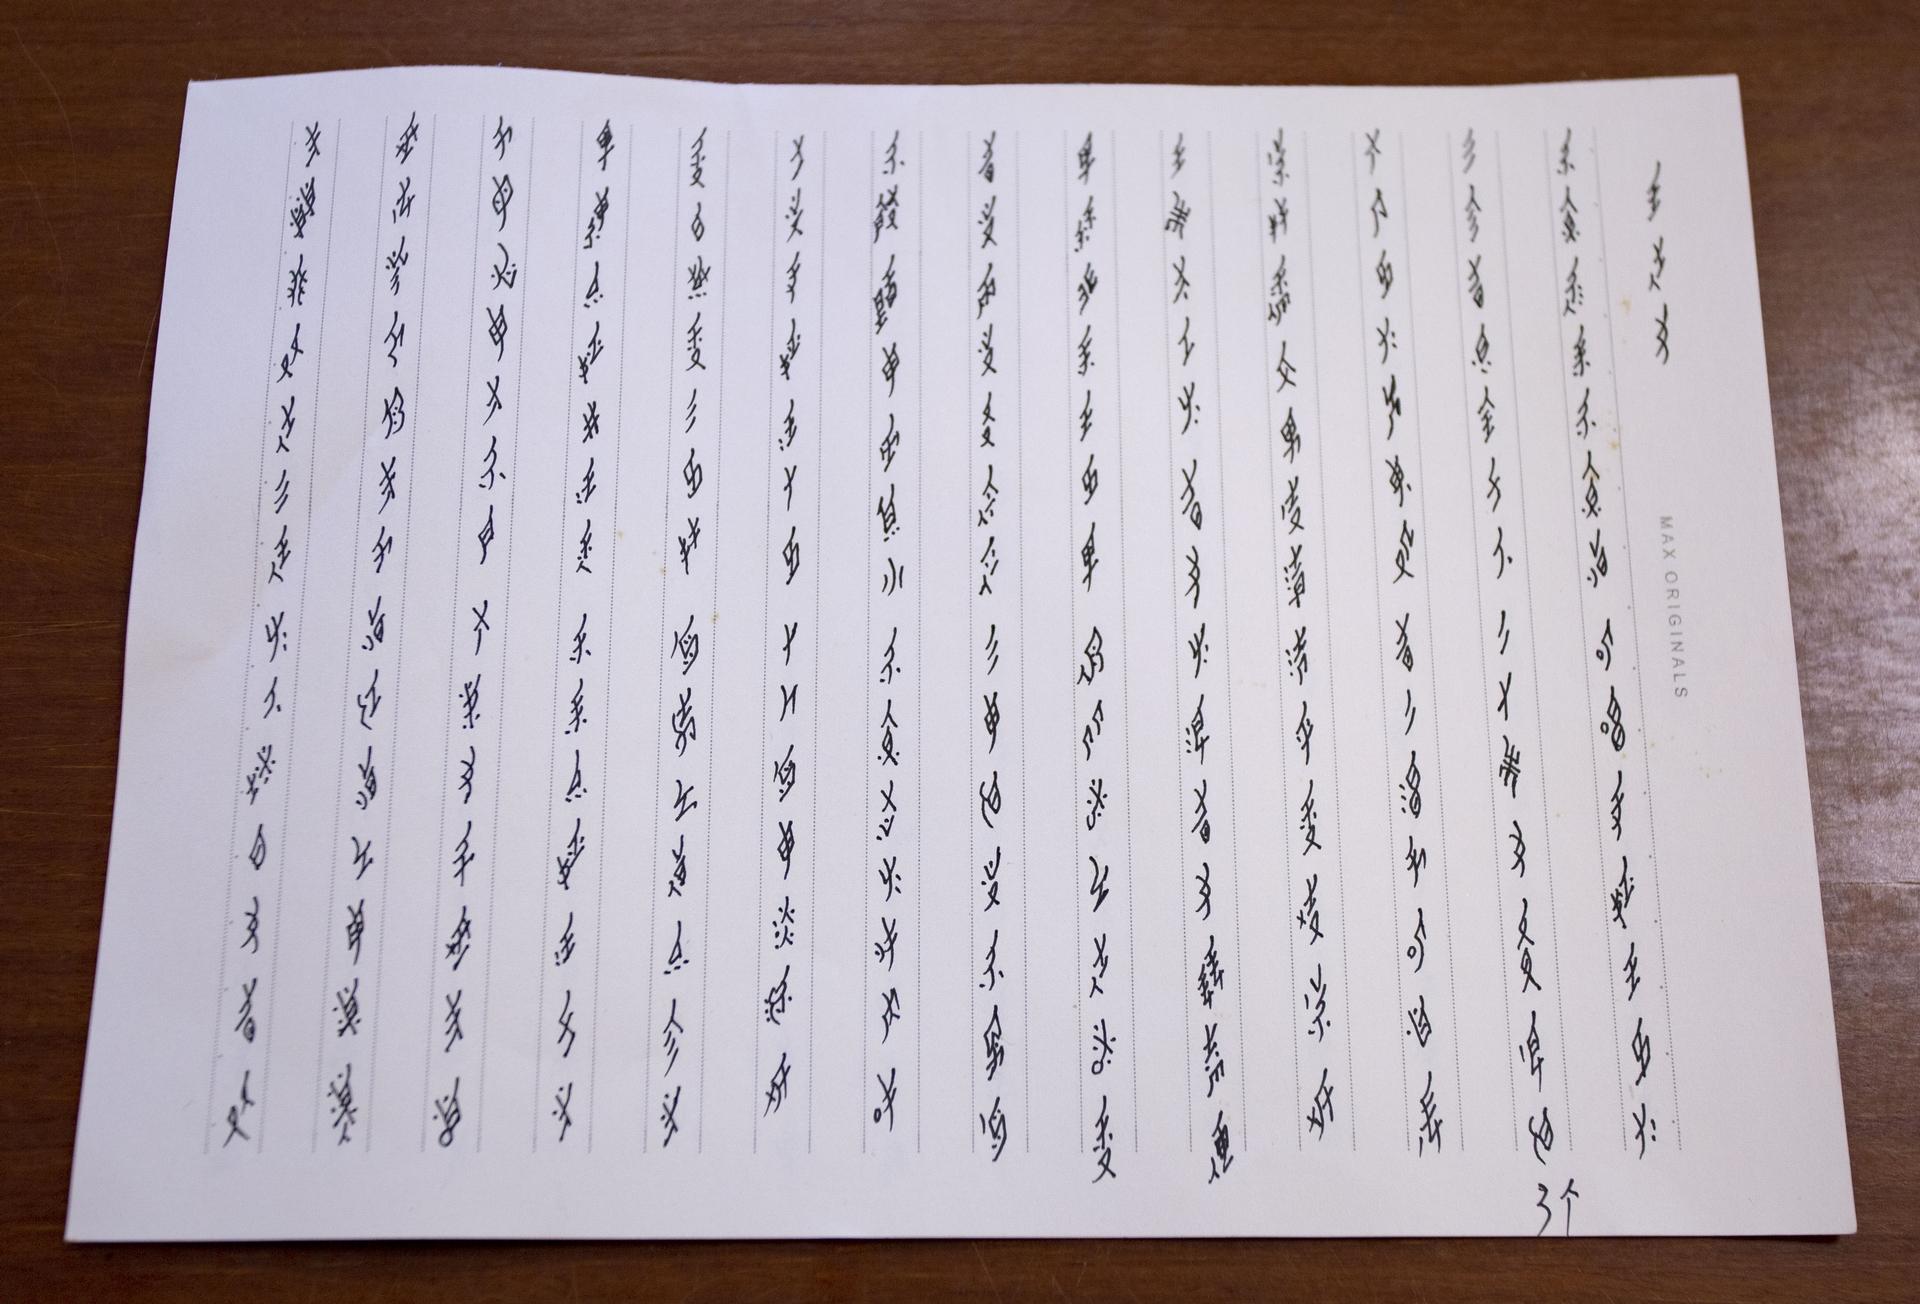 女書為五言或七言詩歌體,由上而下、由右而左書寫,沒有標點符號。內容主要為婦女的自抒創作,也有部分是轉譯漢字唱本例如《孟姜女》。攝影│林洵安